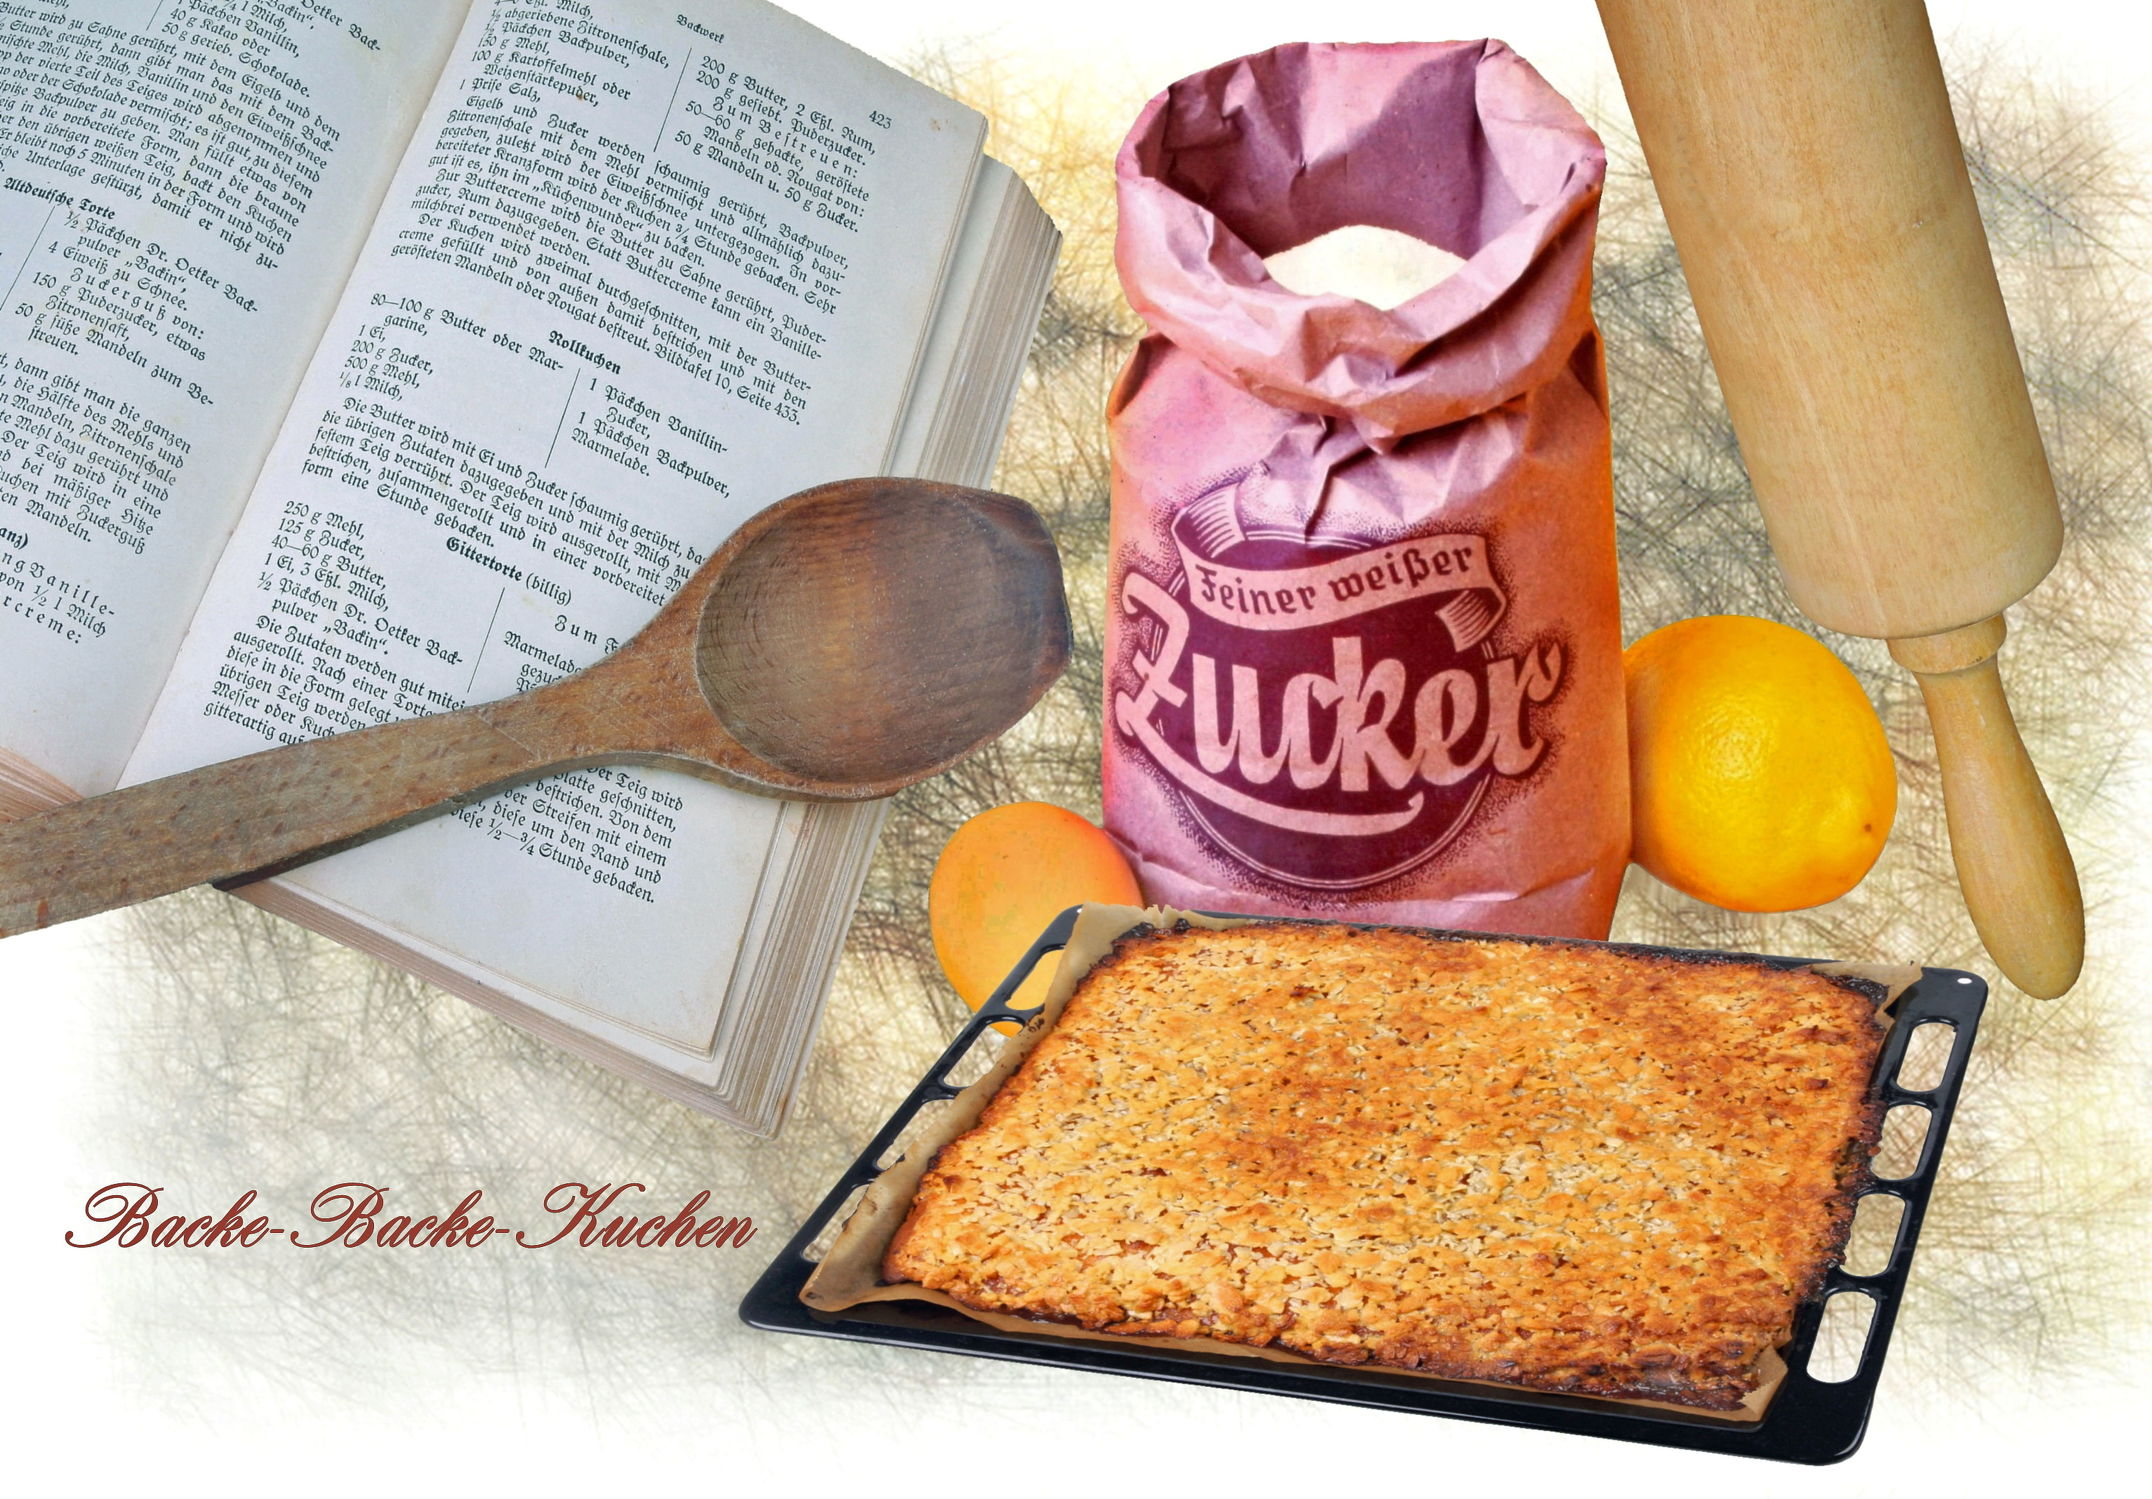 Bild mit Food, Stilleben, Textur, Küche, Küchen, Zitrone, Eier, Ei, kochen, Zucker, backen, zuckertüte, backrezepte, rezepte, kochbuch, kochlöffel, blechkuchen, nudelholz